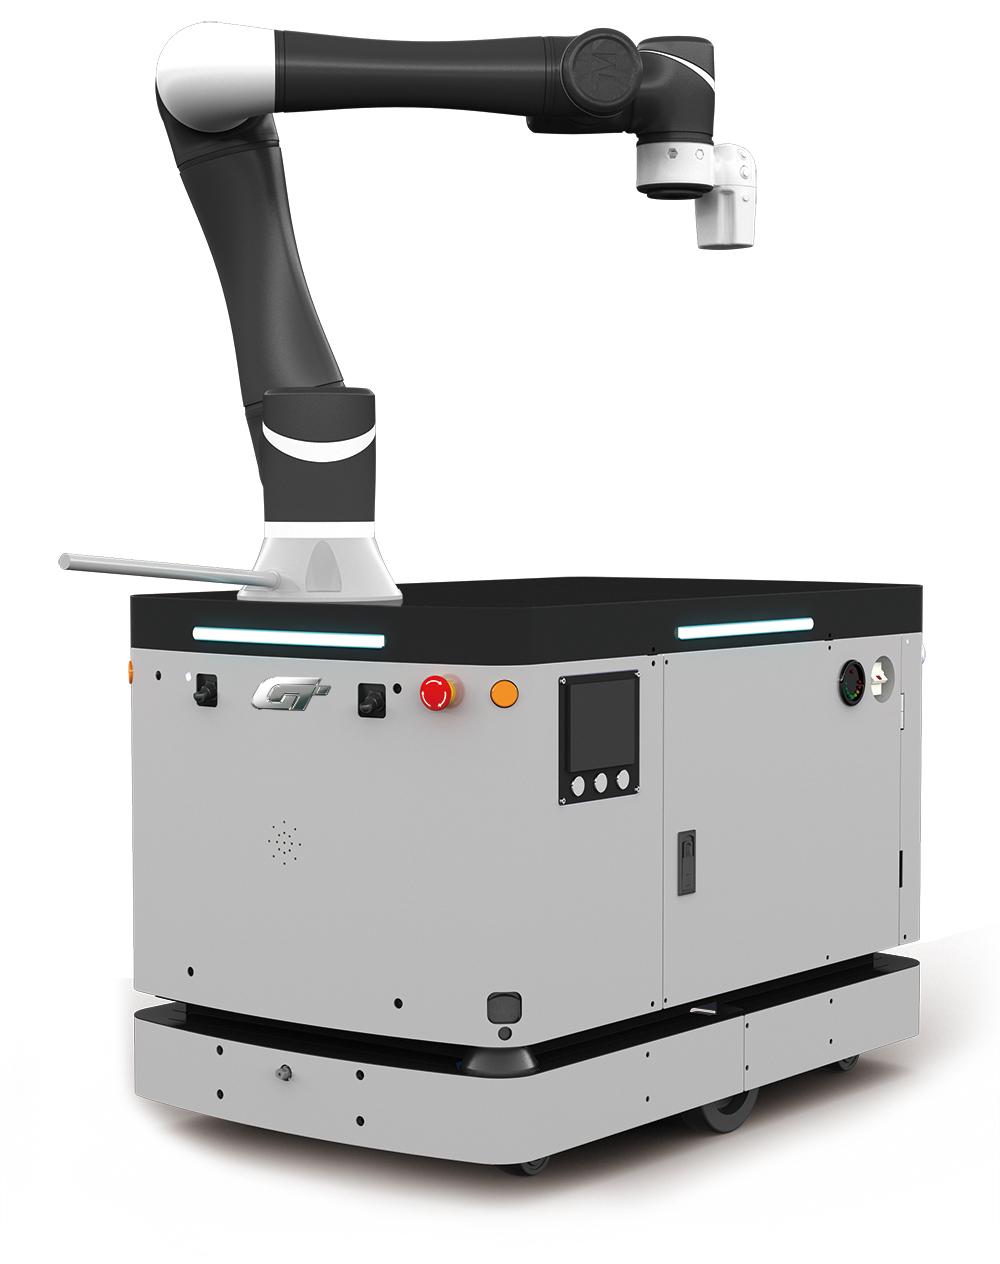 無軌導引式移動機器人系列-中華汽車工業股份有限公司